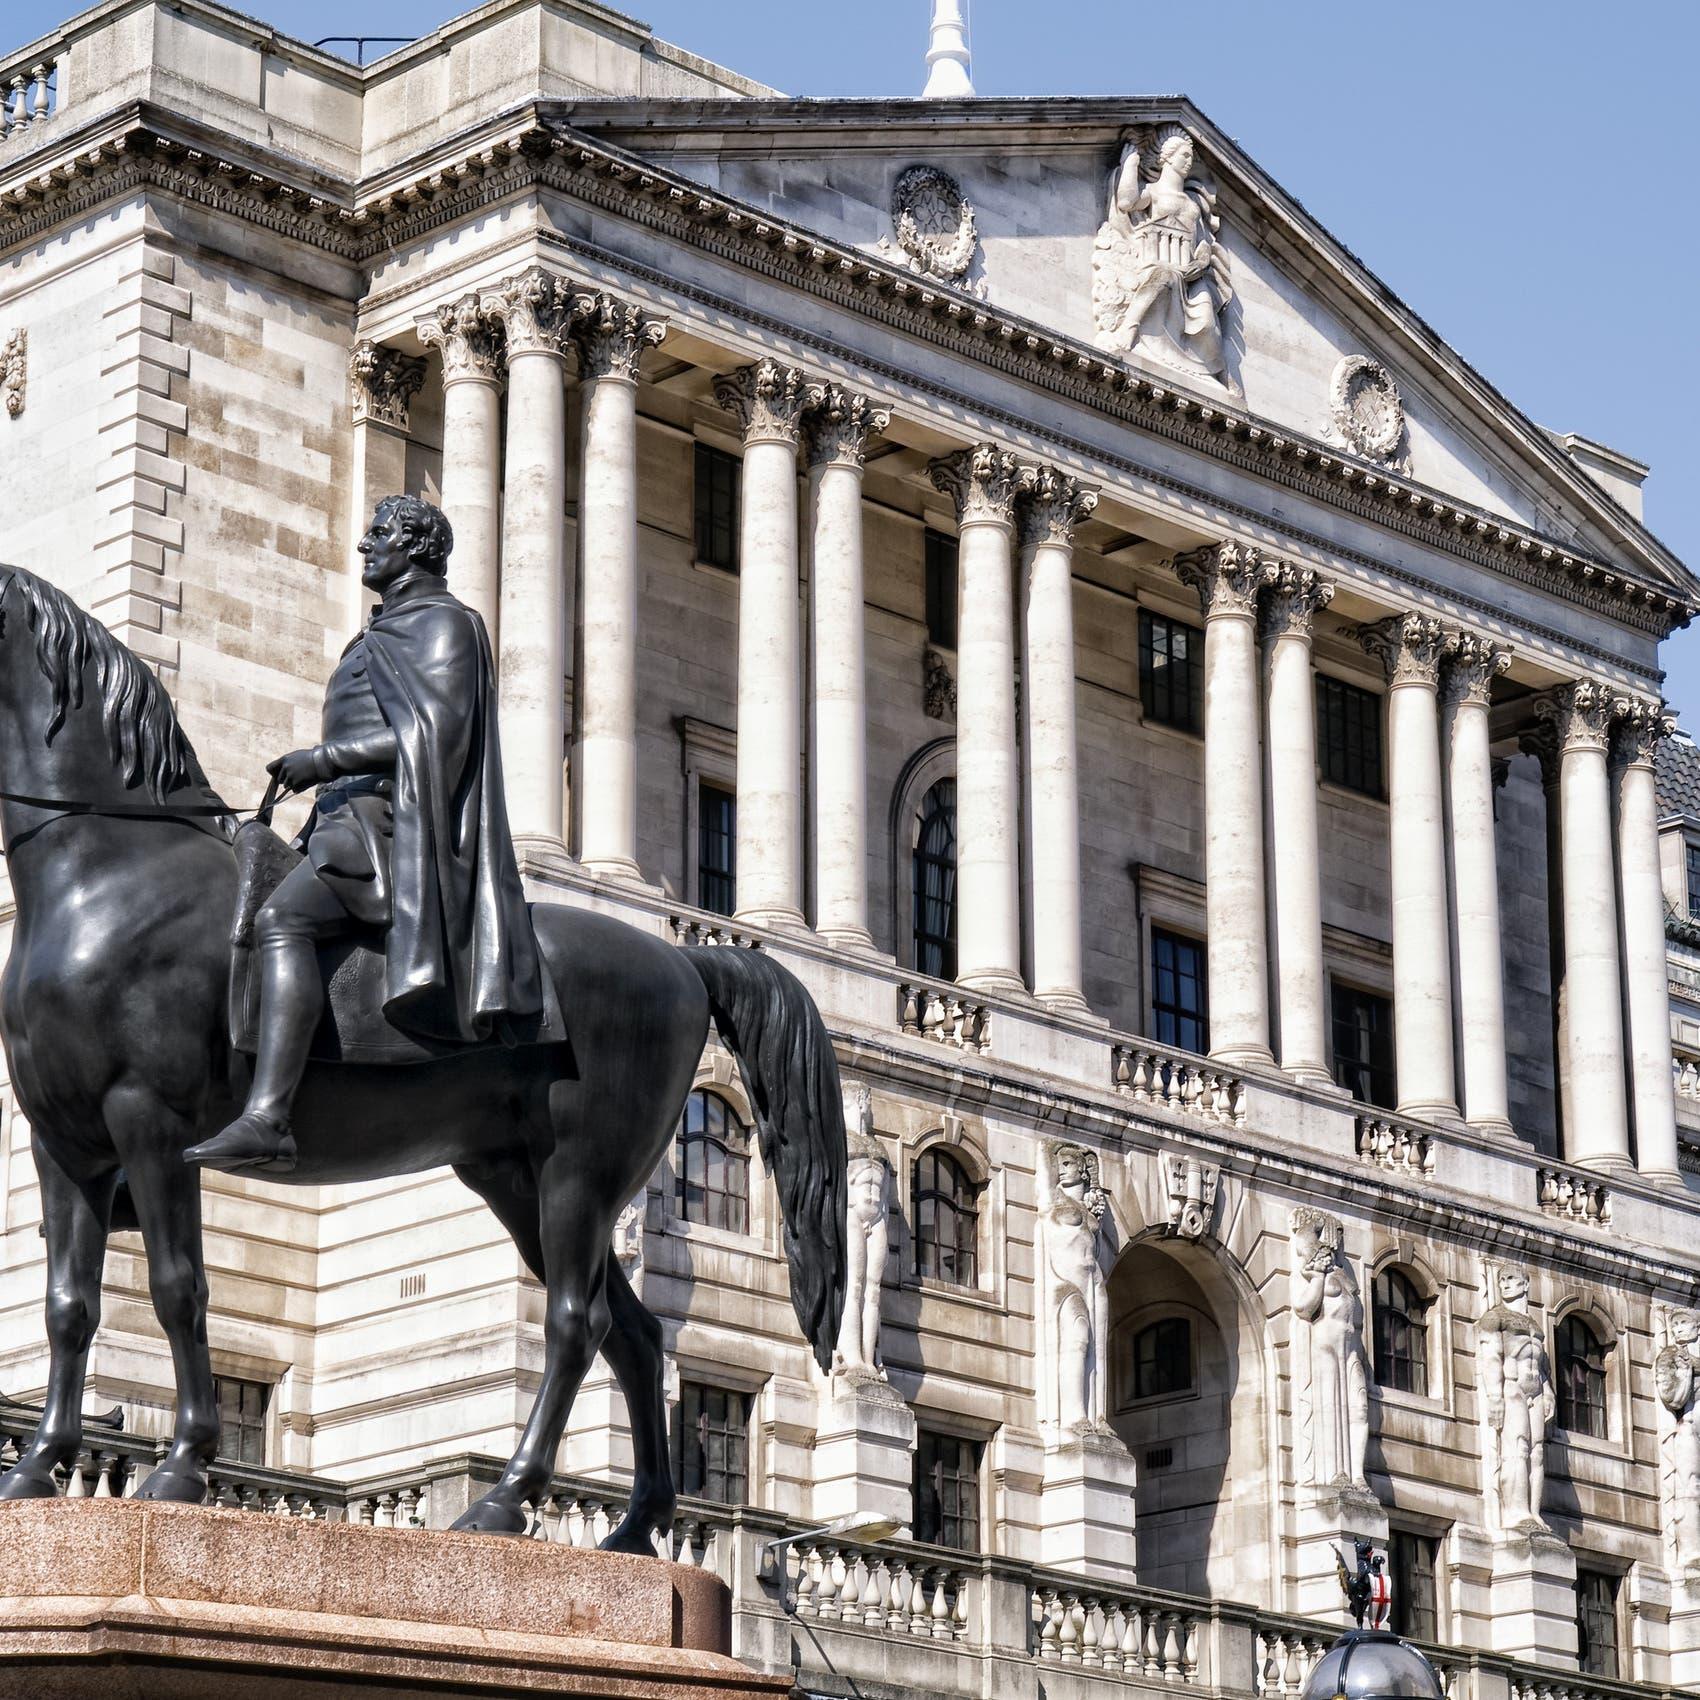 وسط تفاوت في التقديرات.. هل يُغير بنك إنجلترا سياسته النقدية؟